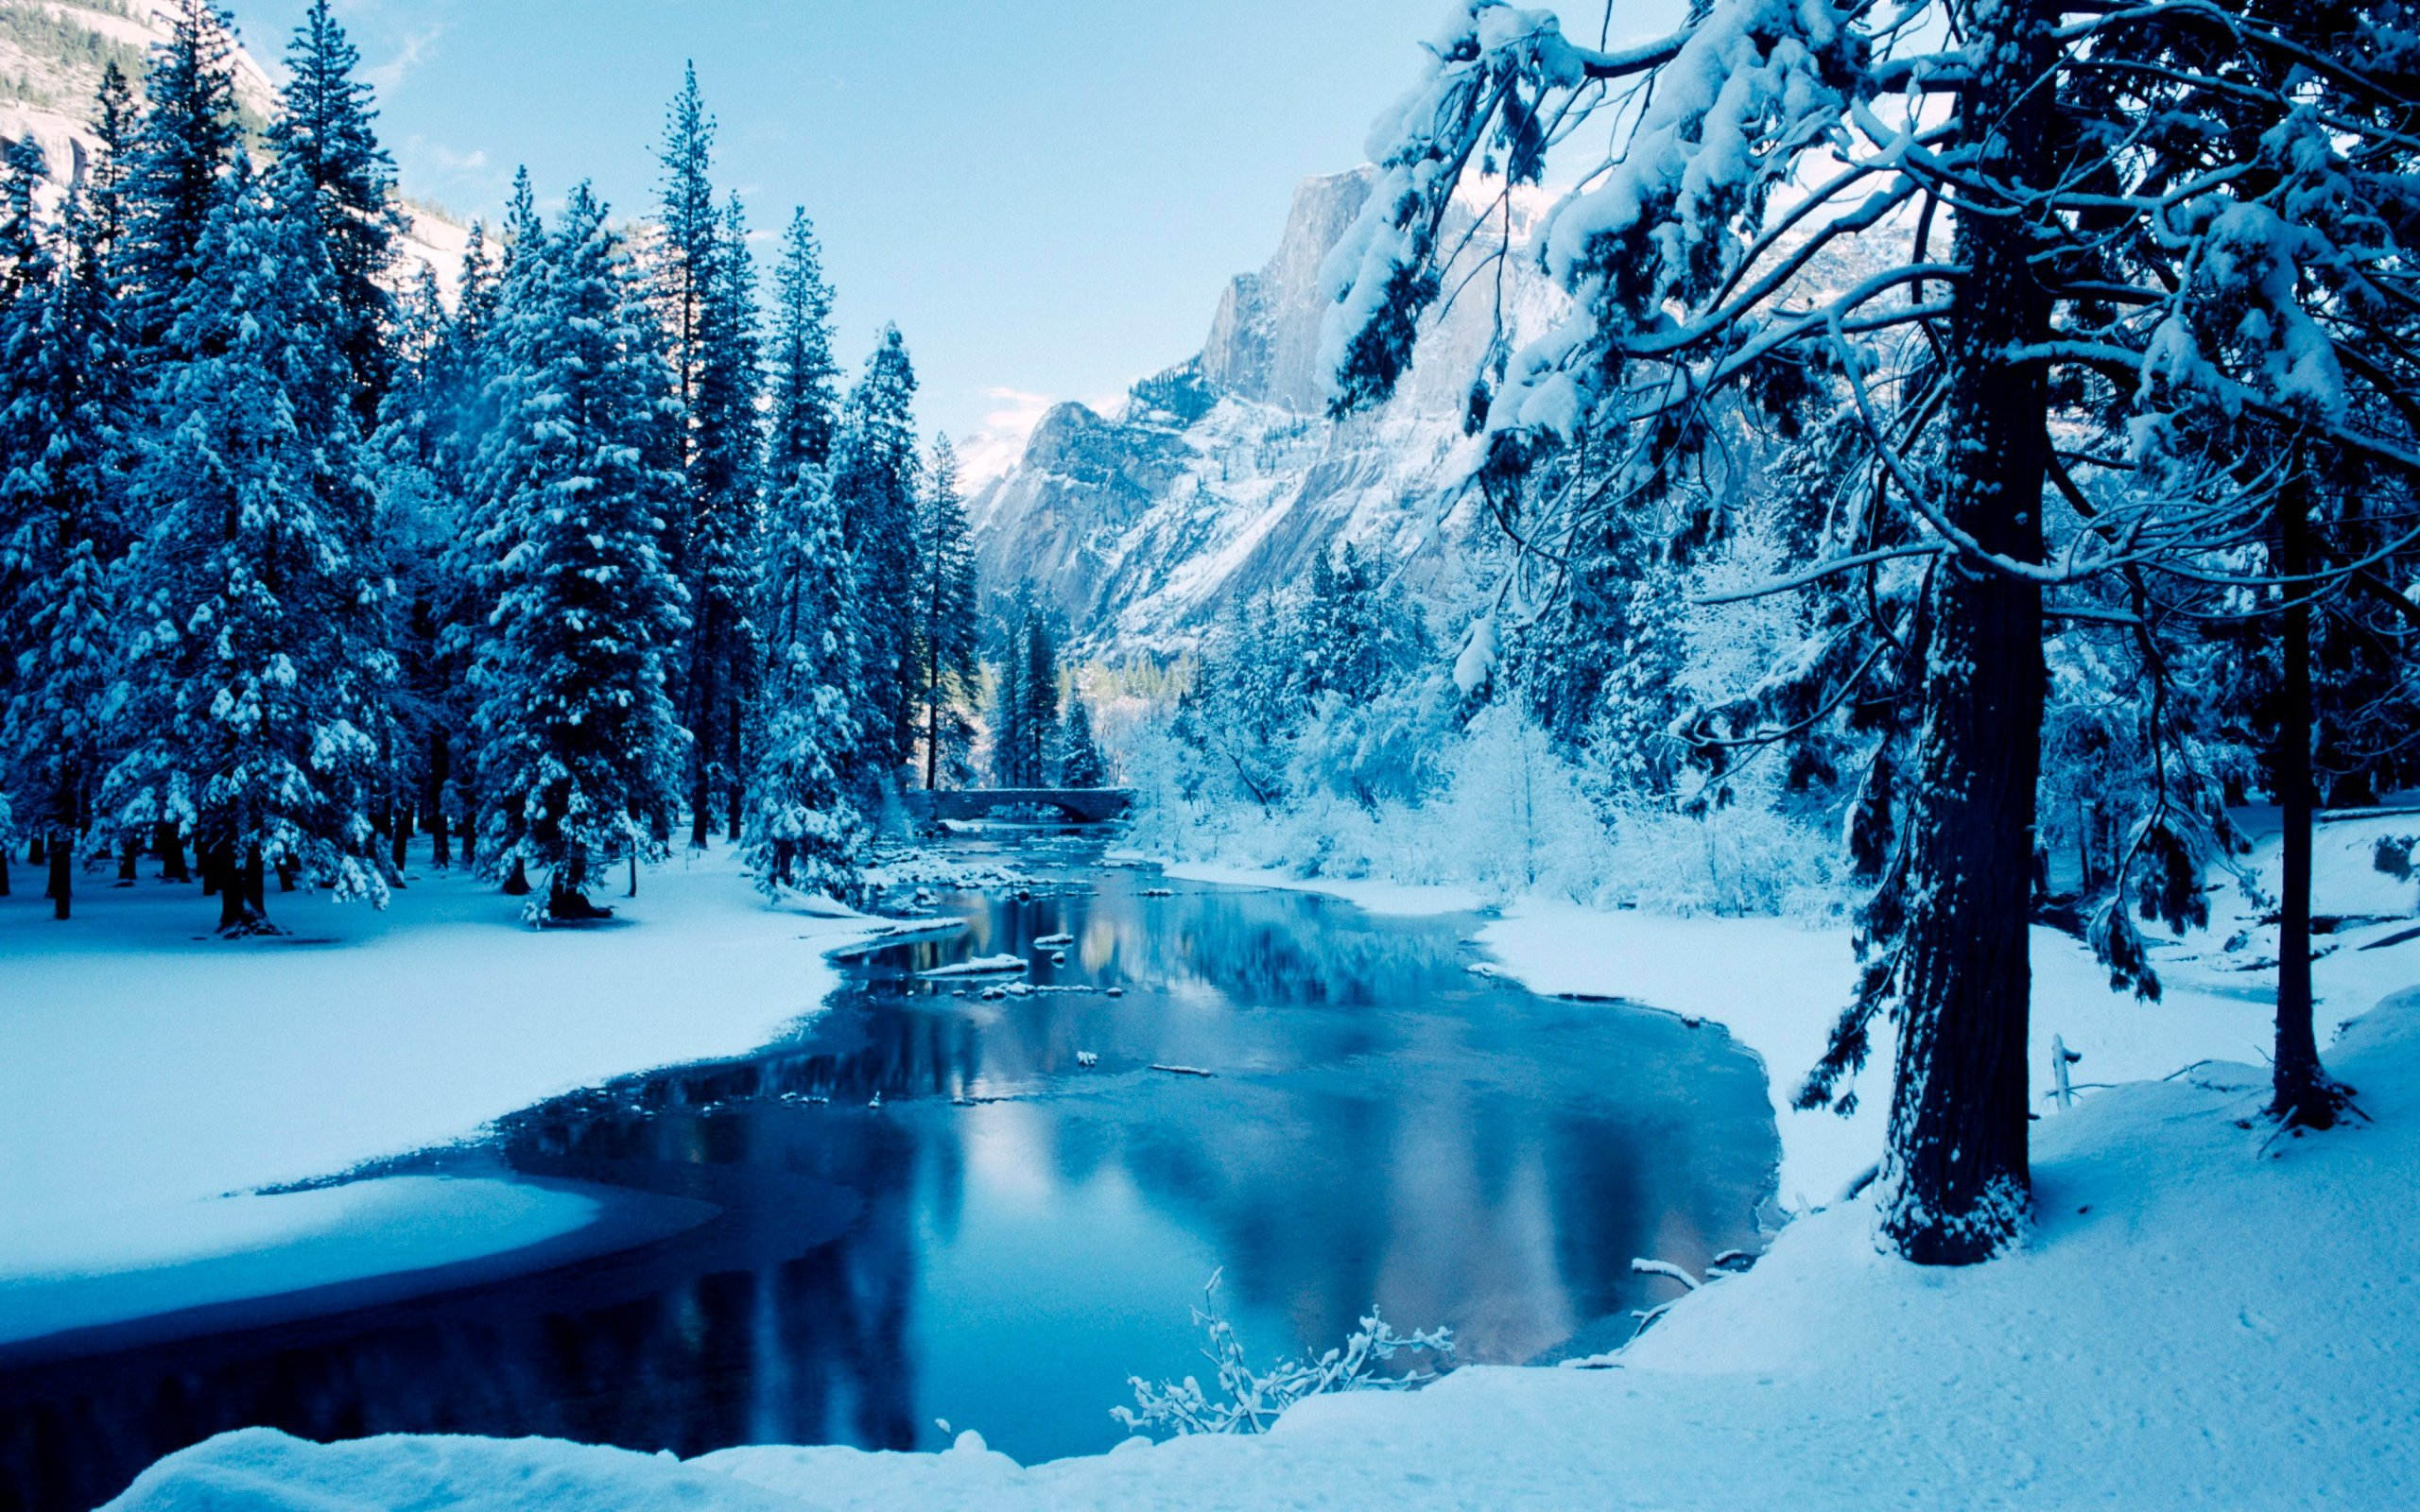 природа горы зима деревья снег скачать